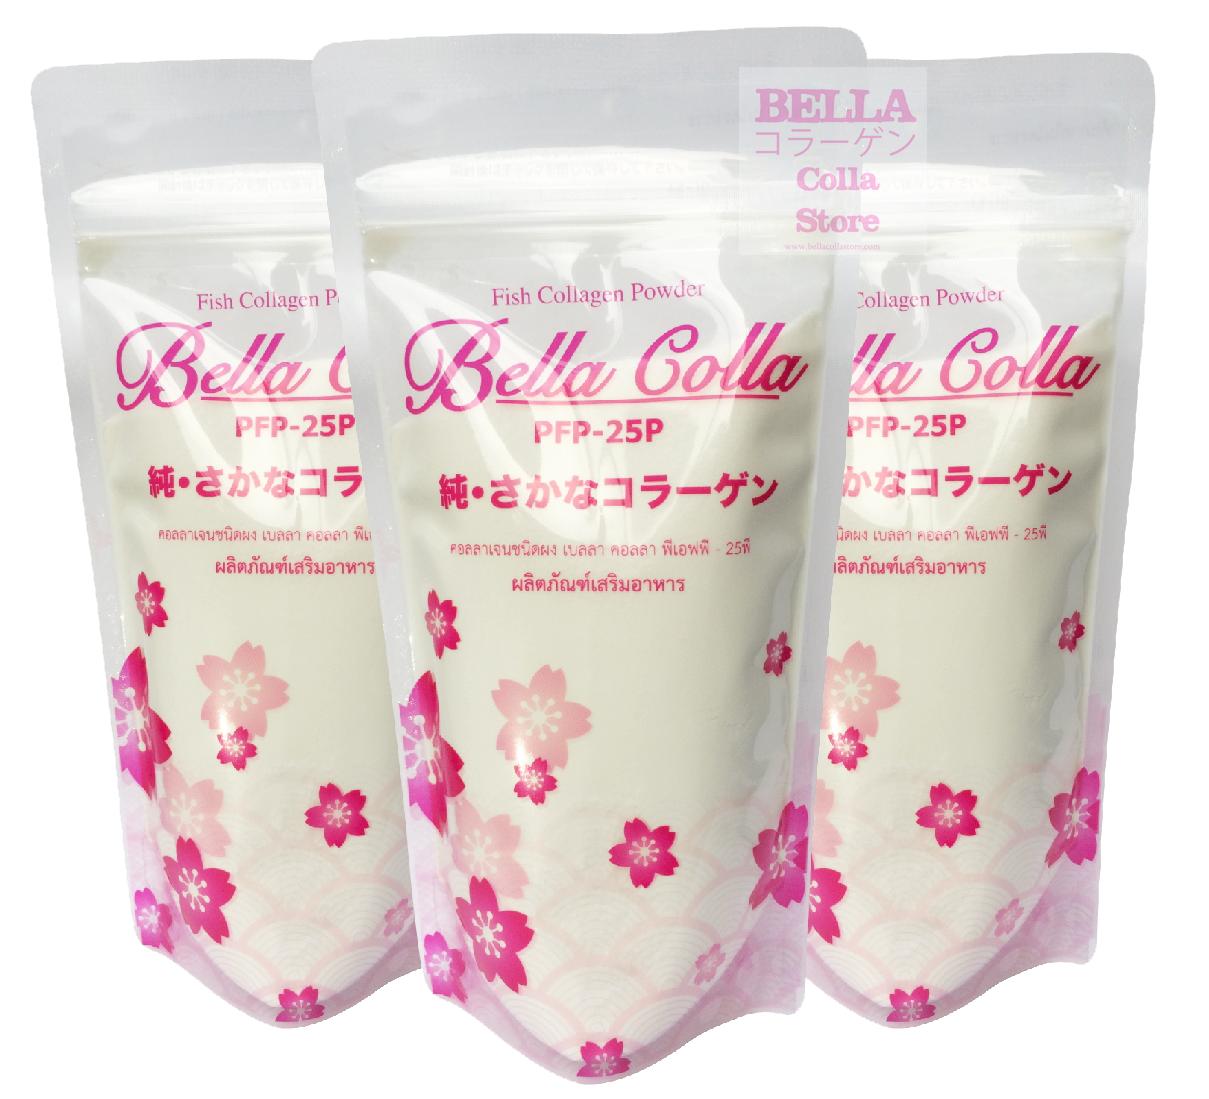 คอลลาเจน Bella Colla สกัดจากปลาแท้ 100% 3 ซอง